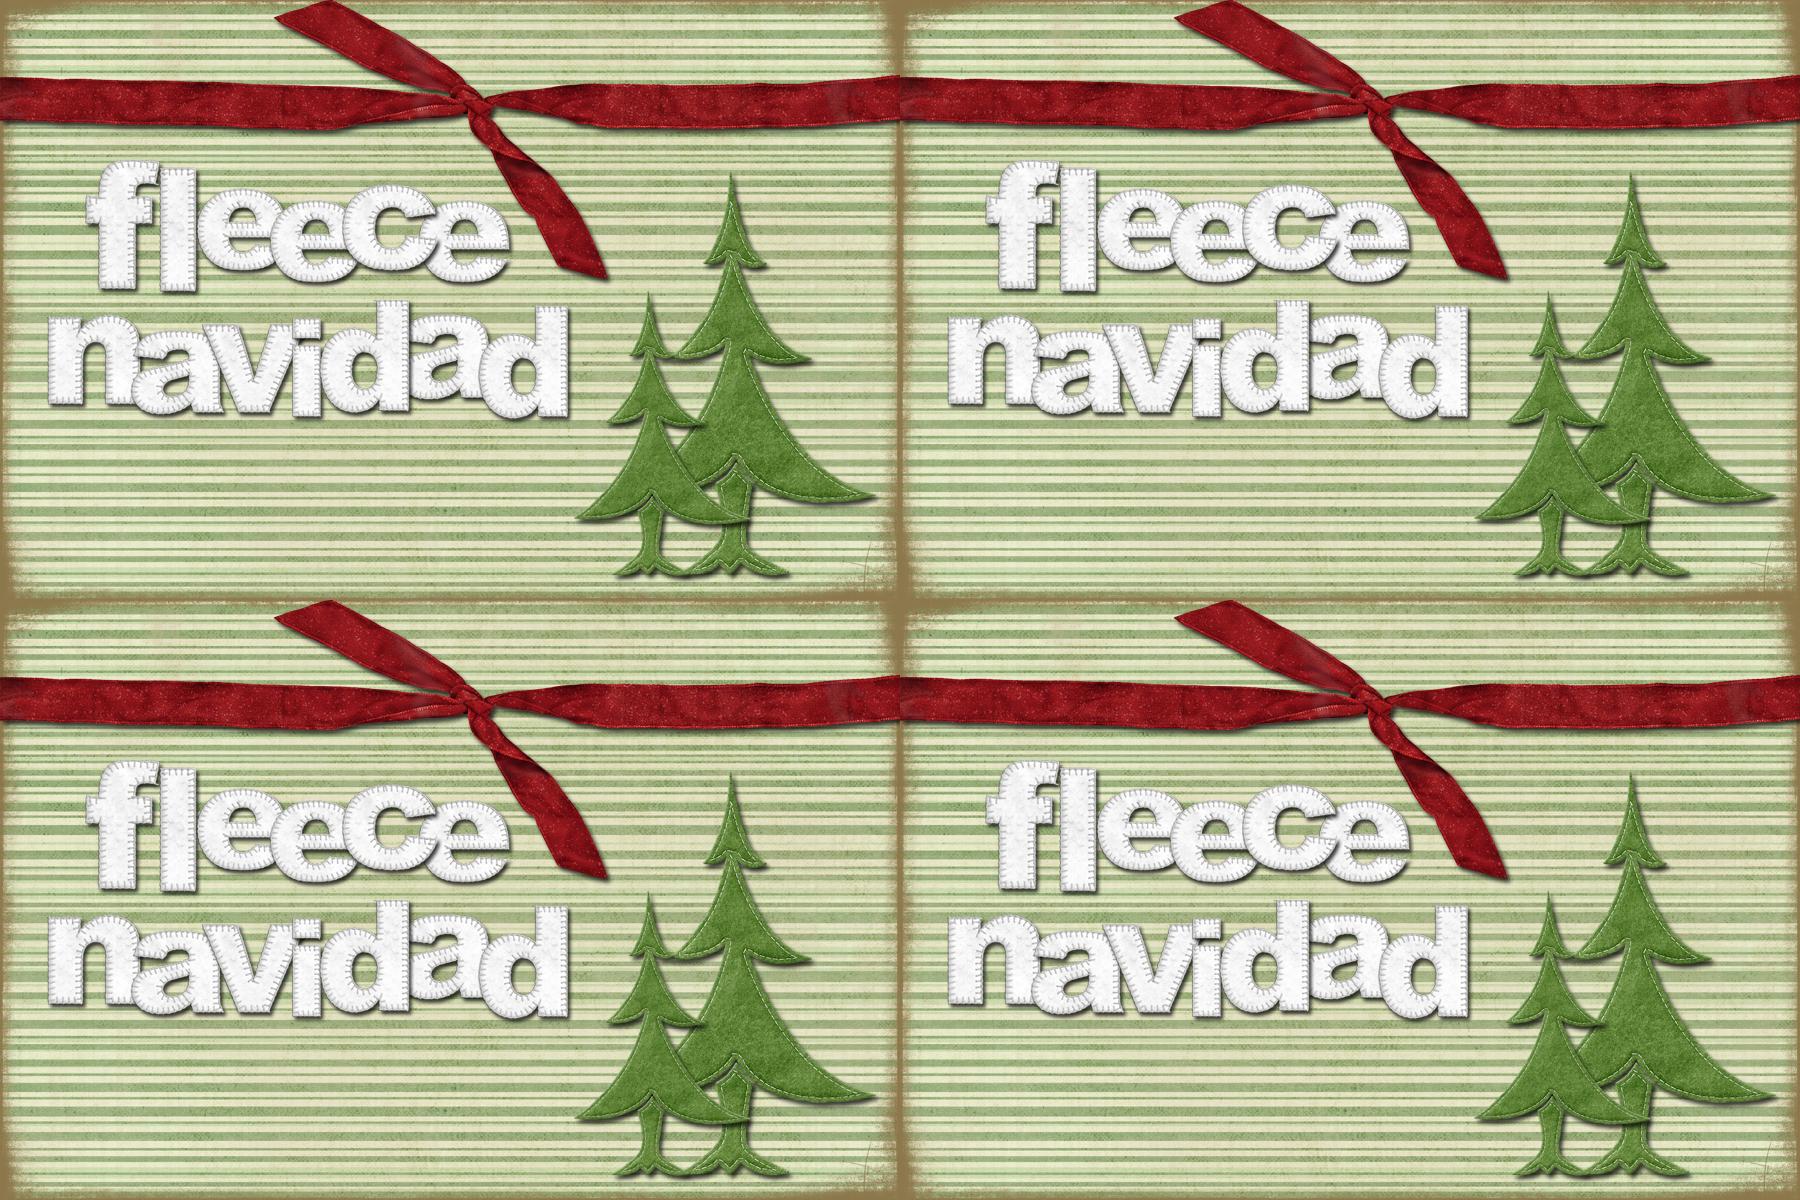 Neighbor Christmas Gift Idea {Free Printable}